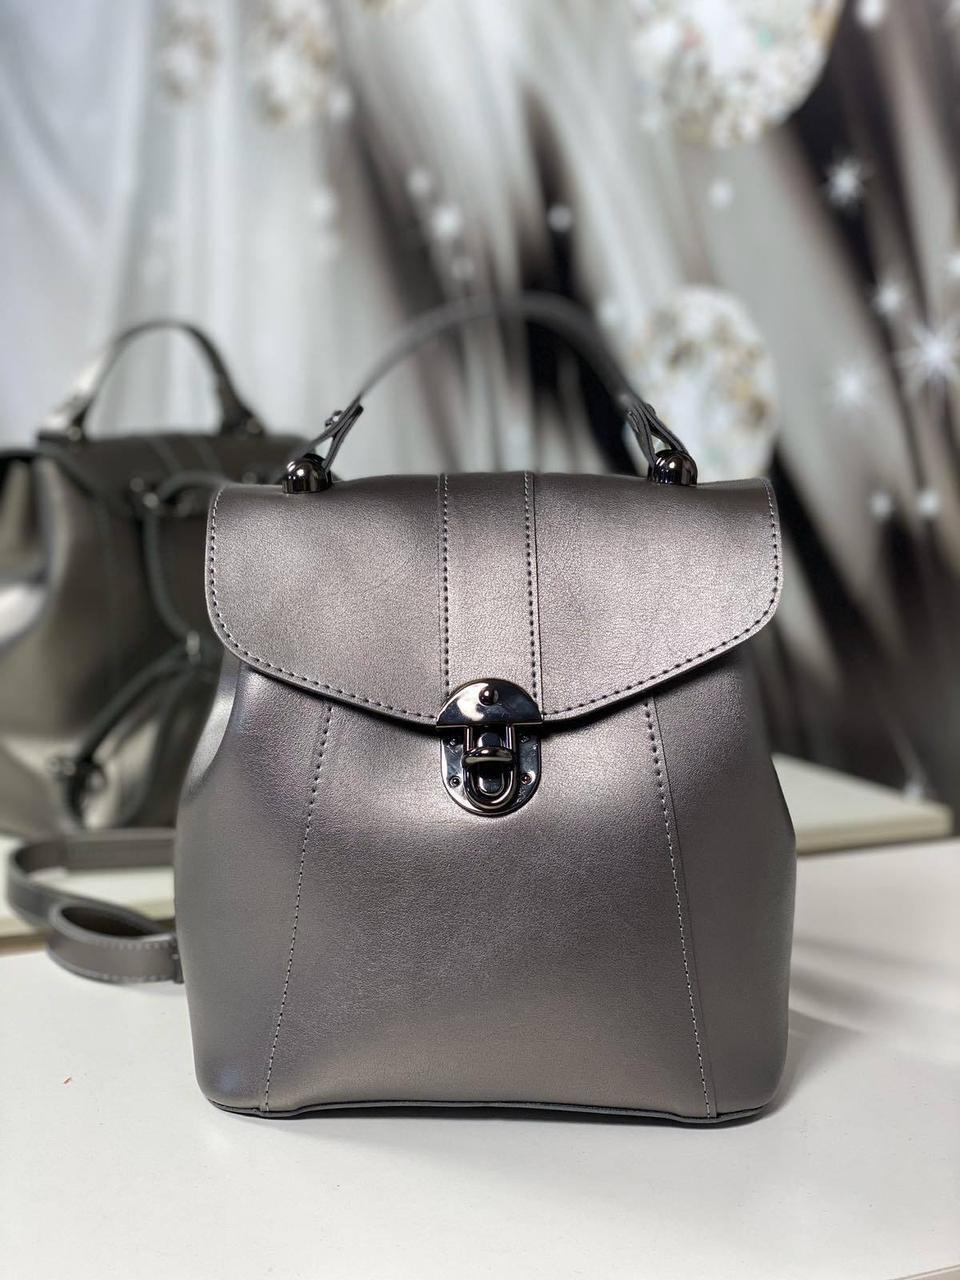 Рюкзак женский маленький молодежный серебристый городской сумка экокожа